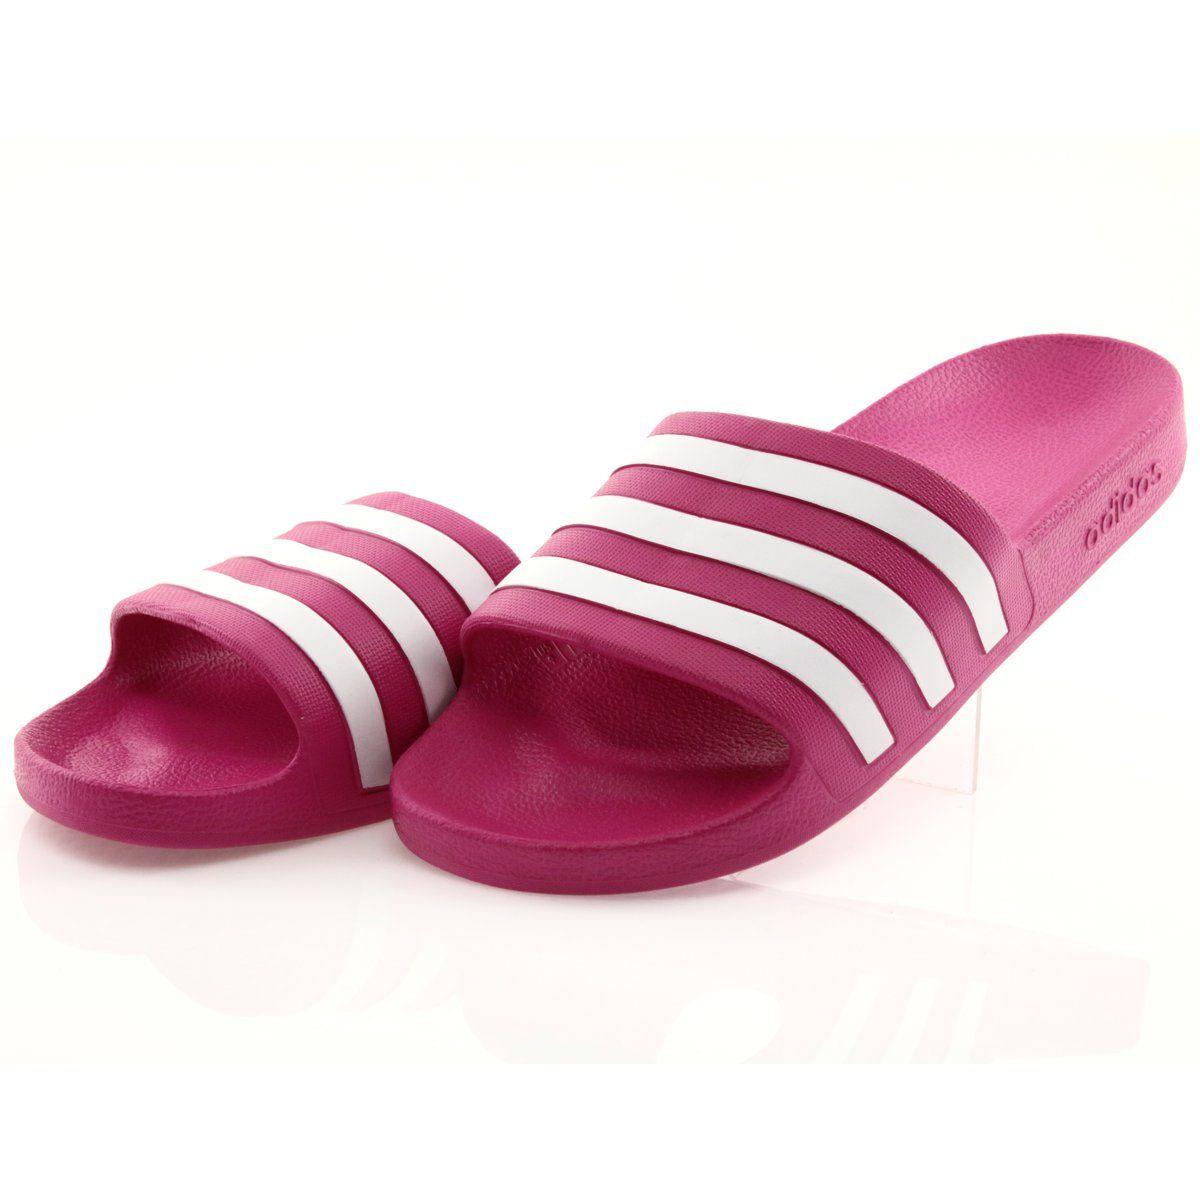 produkty wysokiej jakości wysoka moda tania wyprzedaż usa Sportowe #Klapki #Damskie #Adidas #Klapki #Adidas #Adilette ...